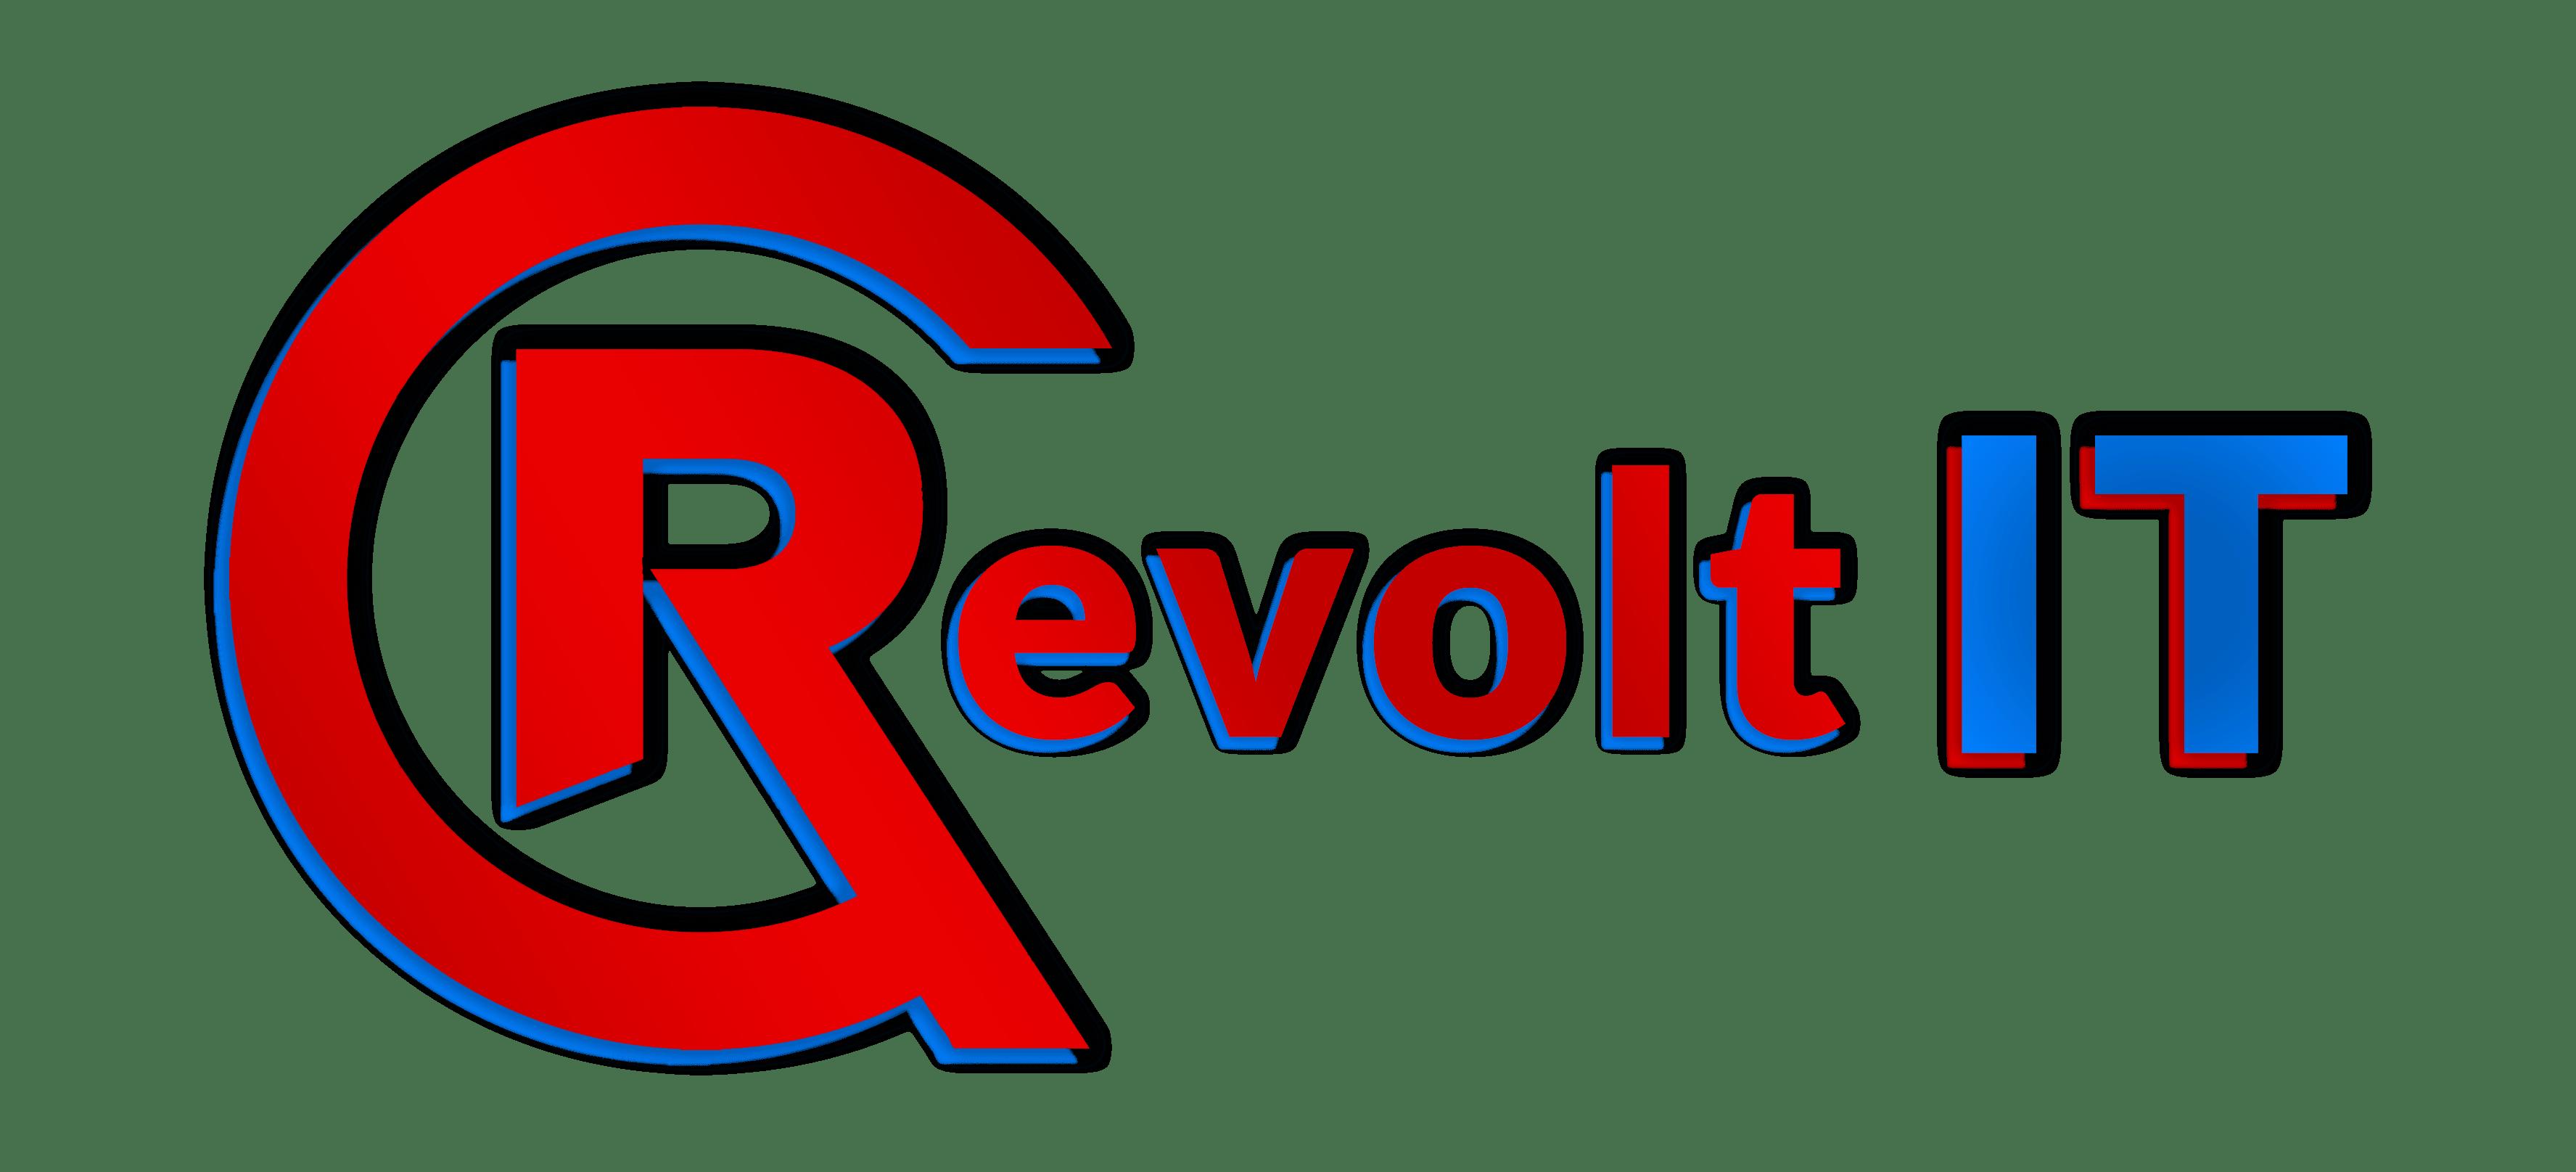 Revolt IT